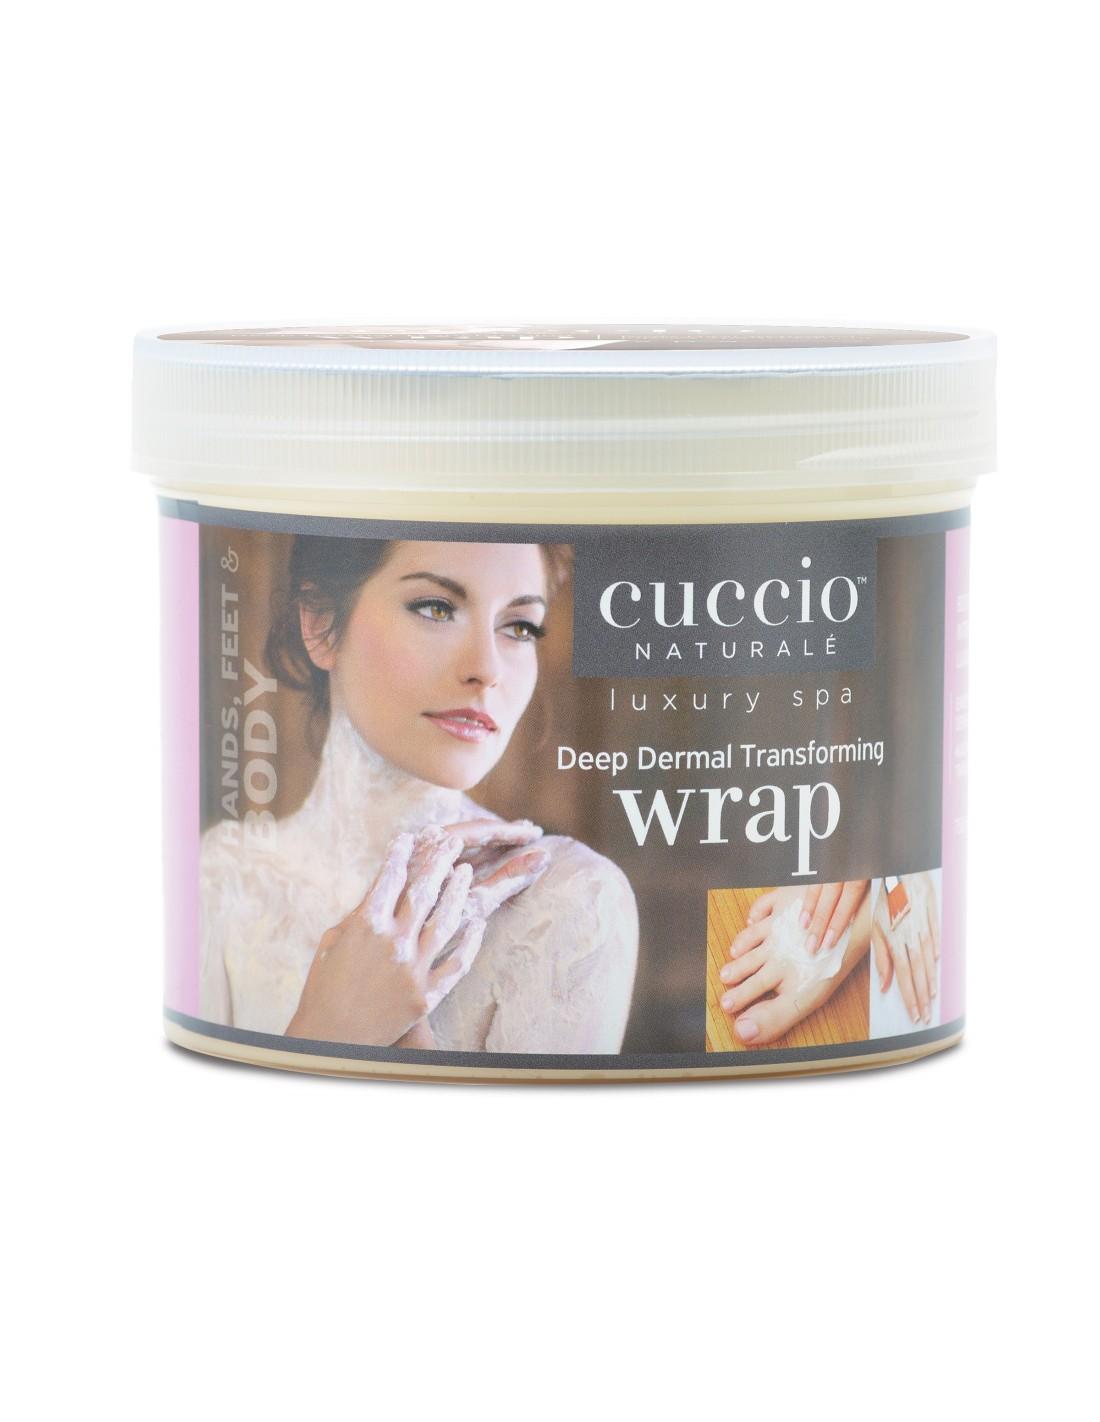 Hidratante Cuccio - Deep Dermal Wrap - 750g - CNSC6406